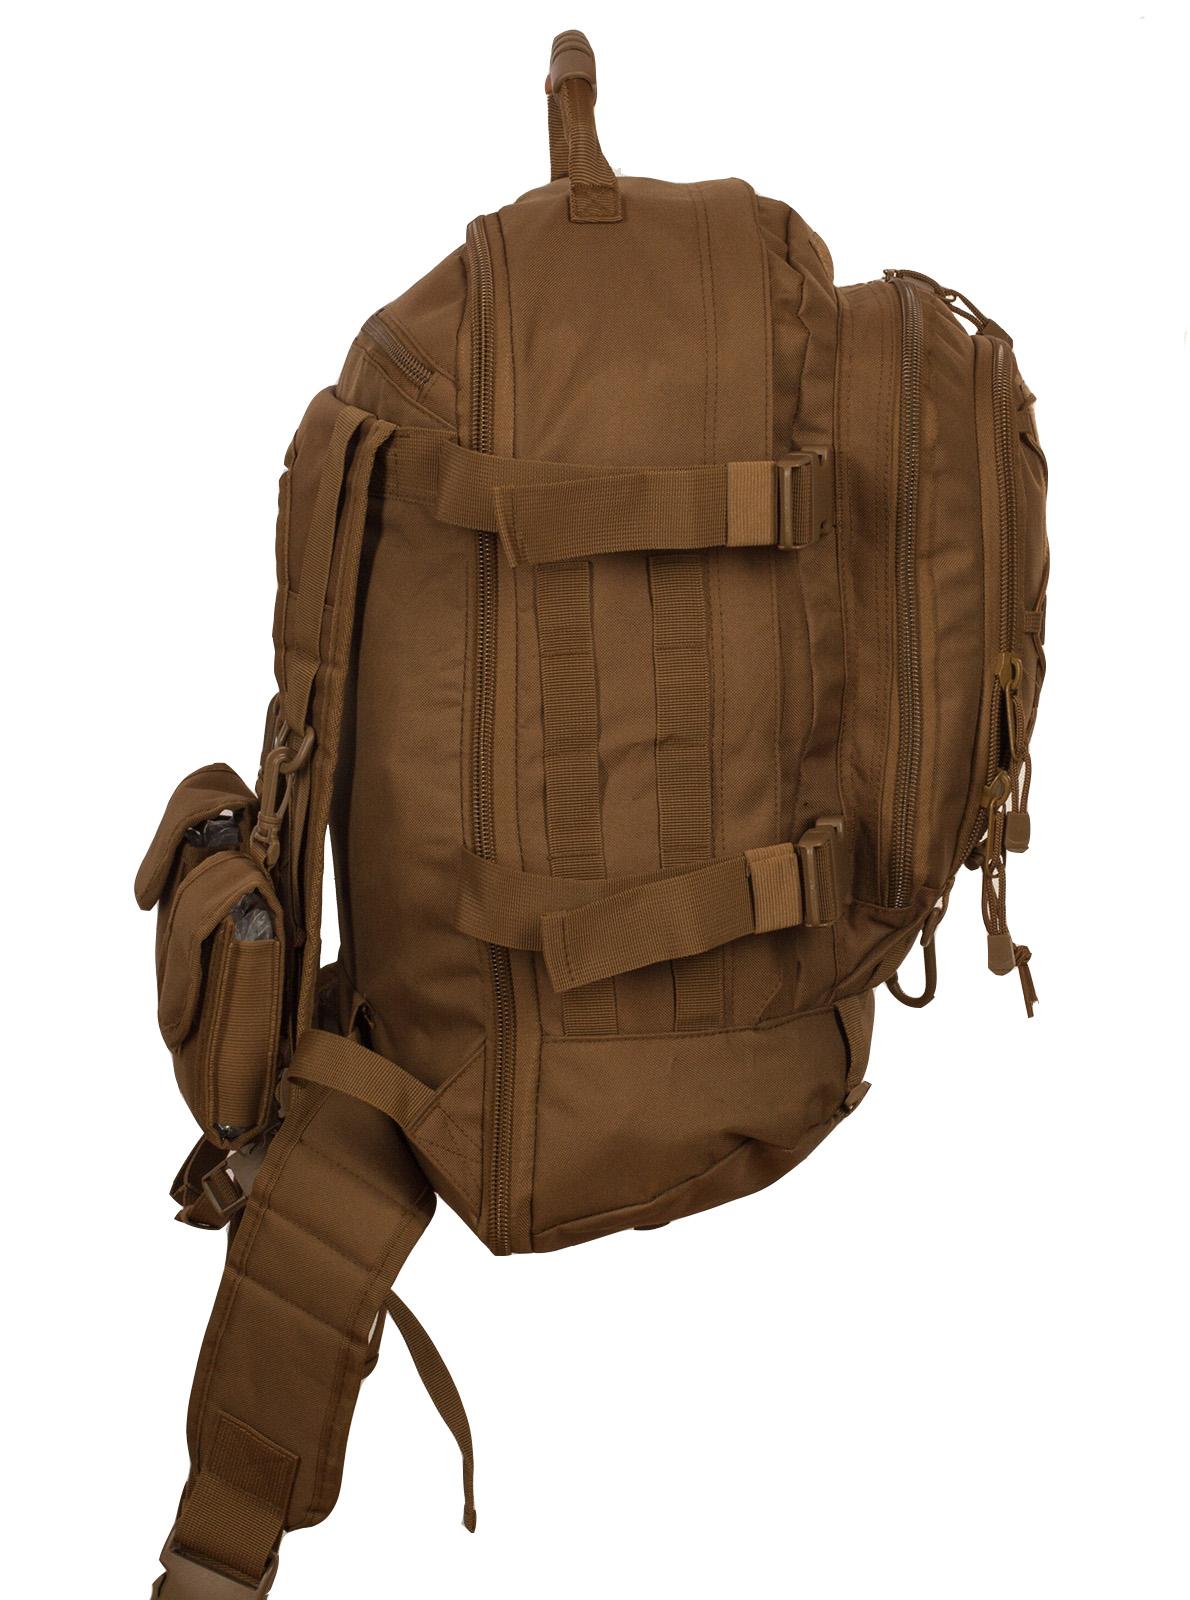 Патрульный трехдневный рюкзак 3-Day Expandable Backpack 08002B Coyote с эмблемой МВД оптом в Военпро